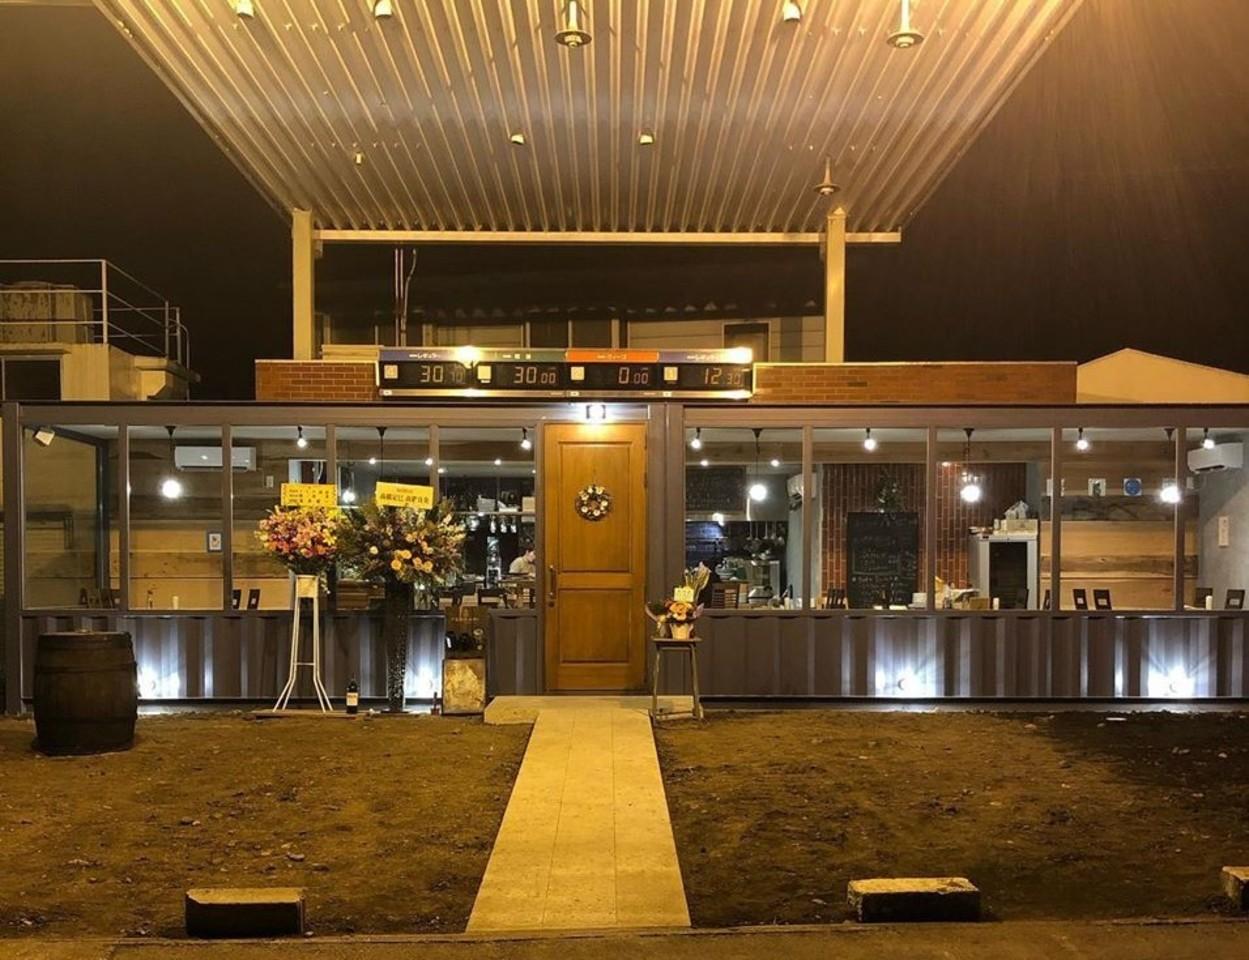 ガソリンスタンド跡地の食堂...栃木県宇都宮市大谷町に「プント-大谷町食堂-」明日グランドオープン